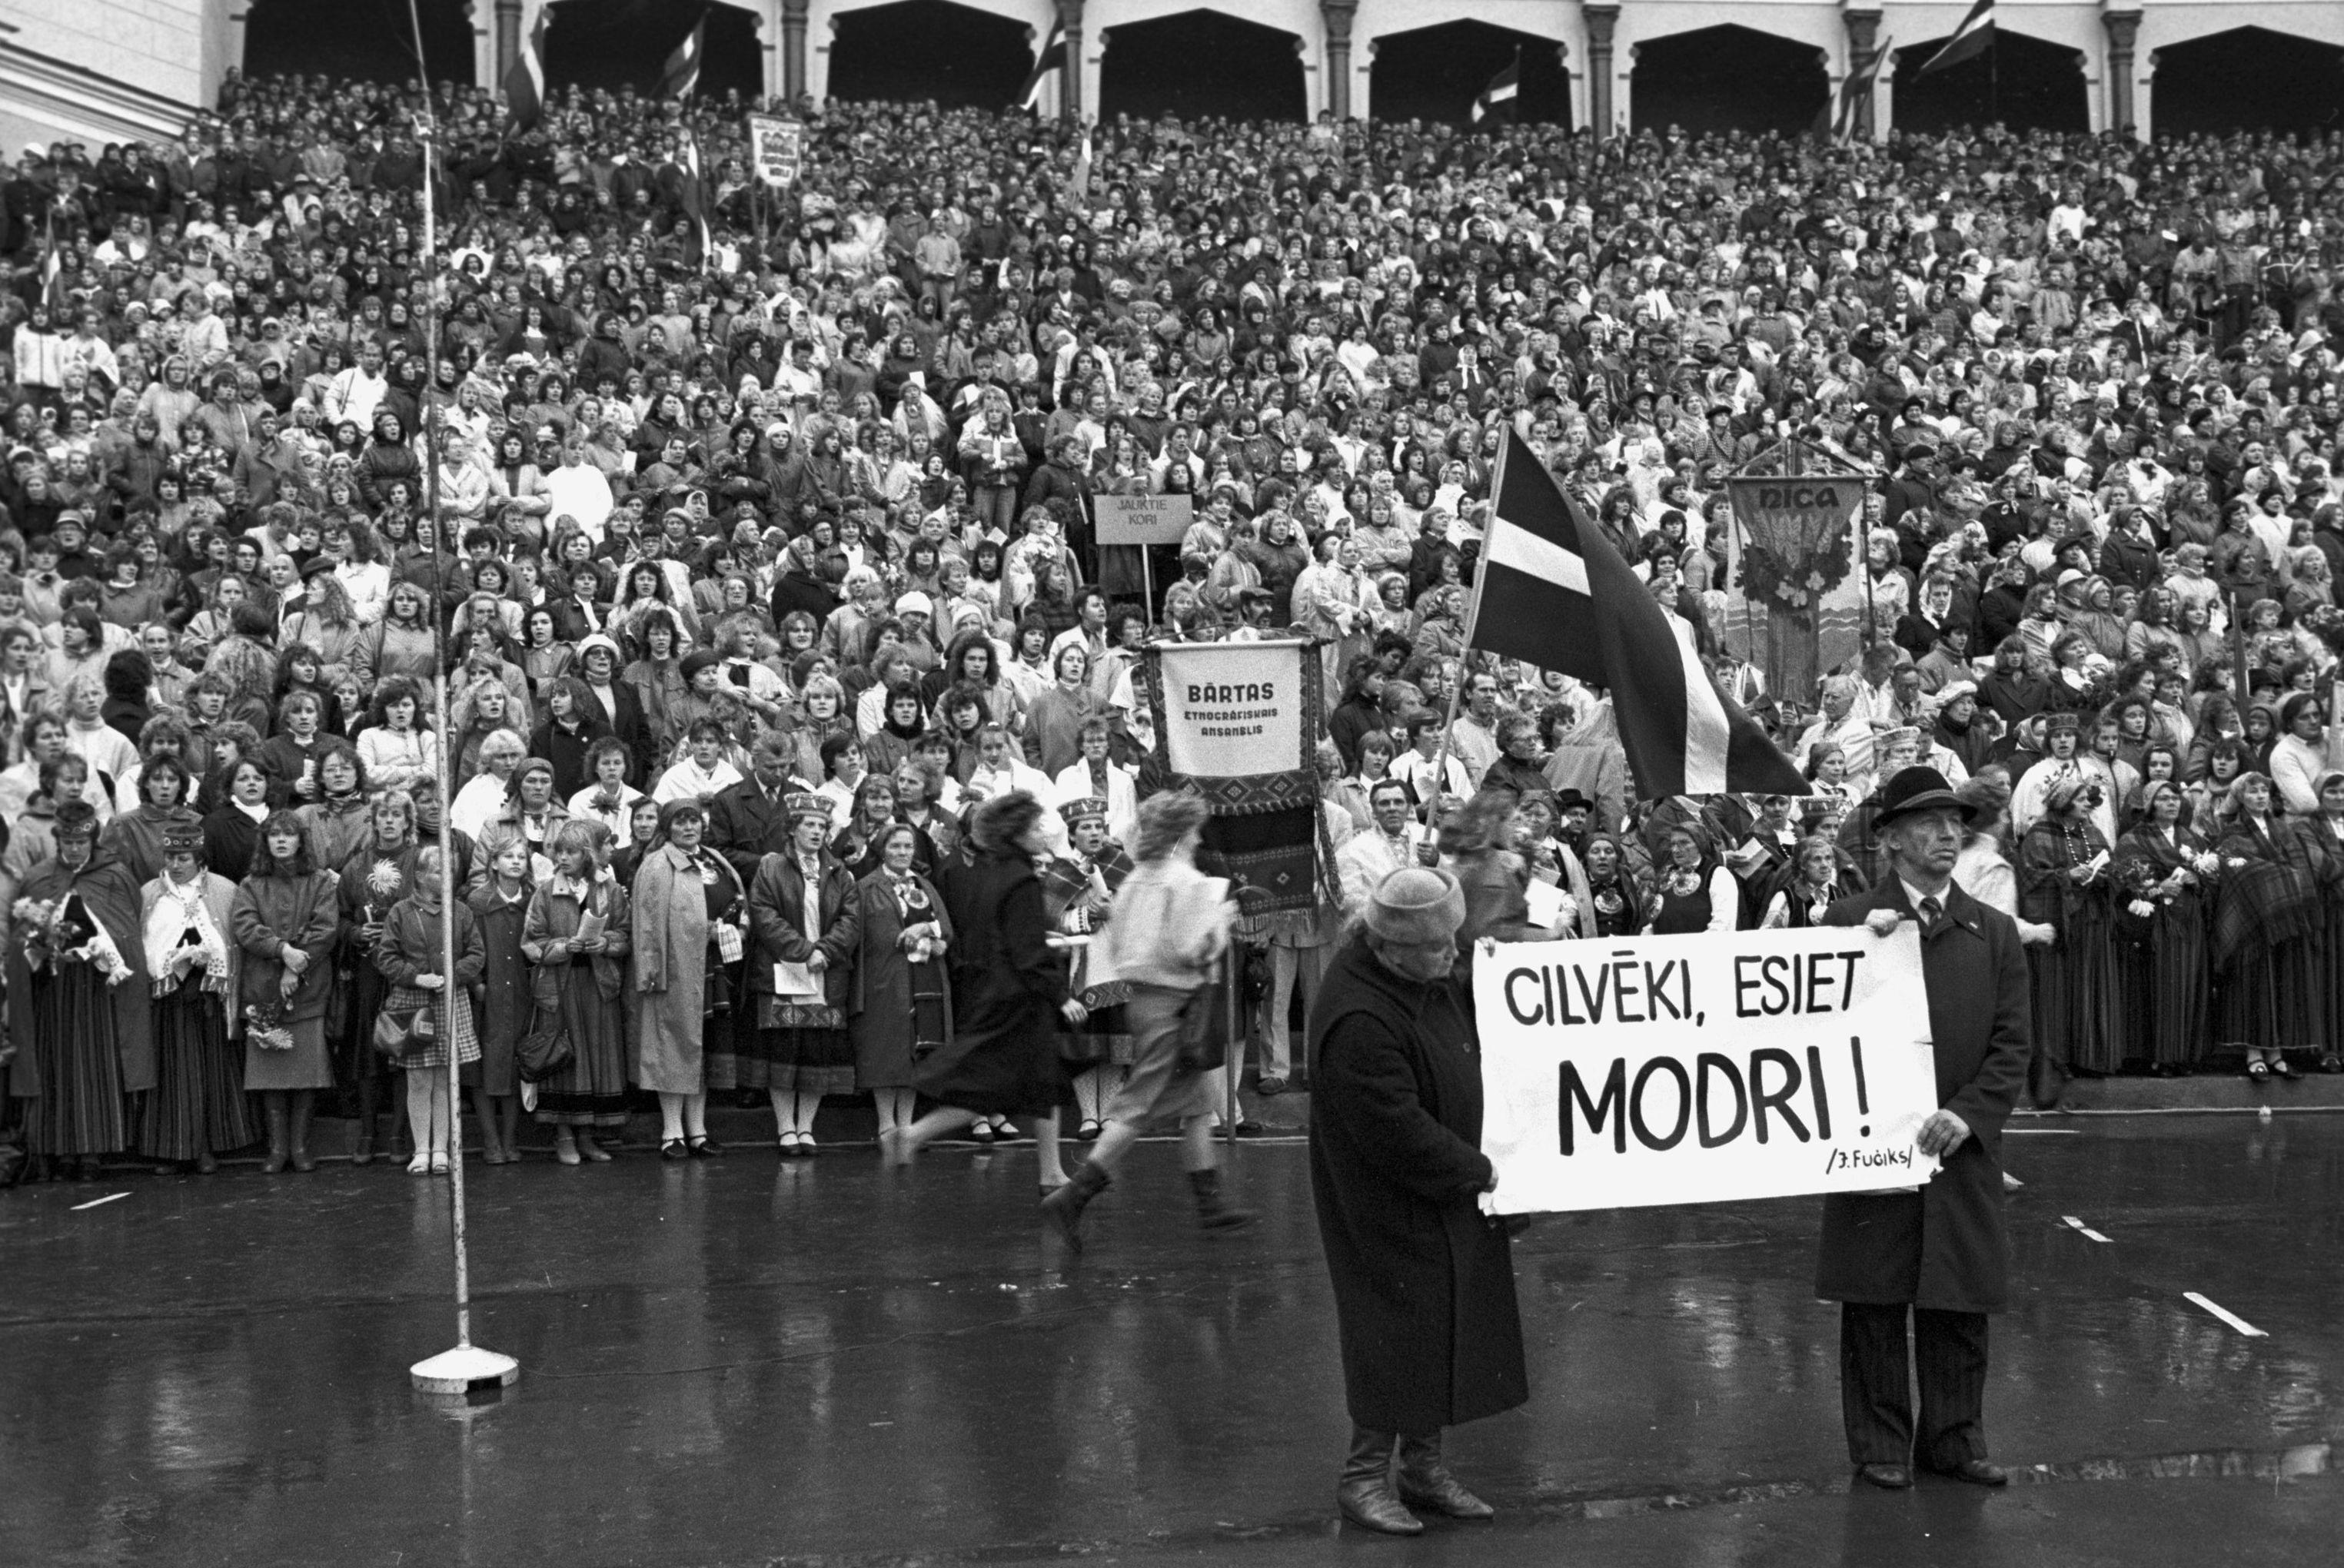 Митинг жителей Риги в поддержку учредительного съезда Народного фронта Латвии в Межапарке.